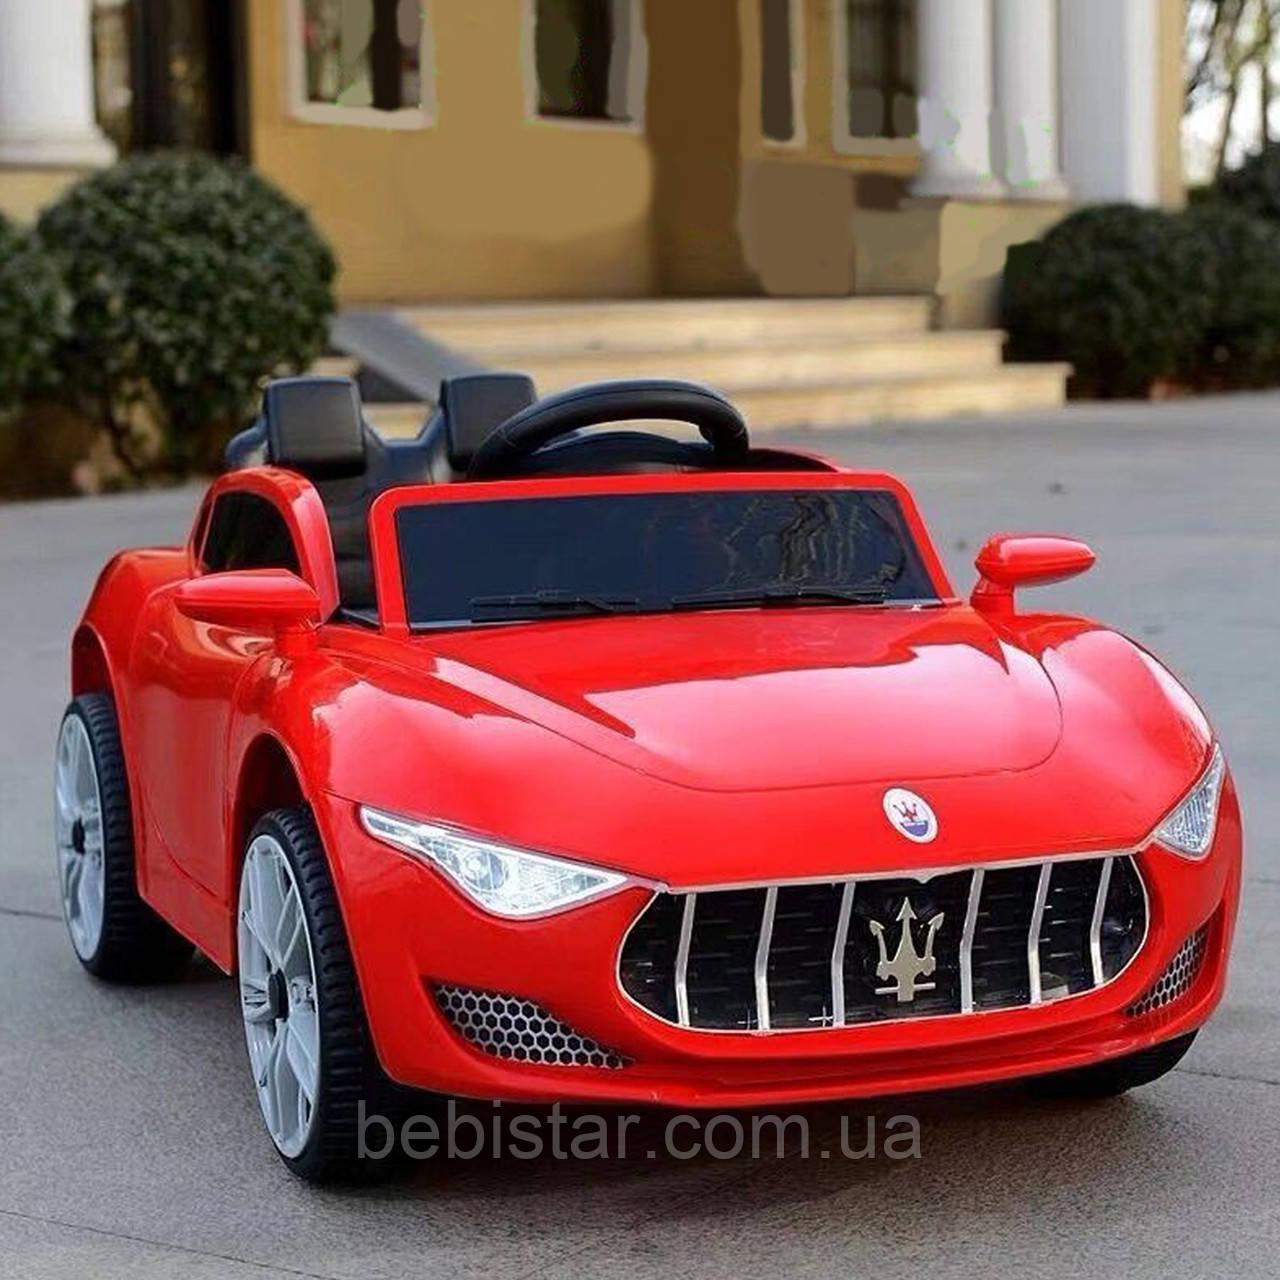 Электромобиль спорткар красный T-7637 RED для деток 3-8 лет с пультом мотор 2*25W с МР3